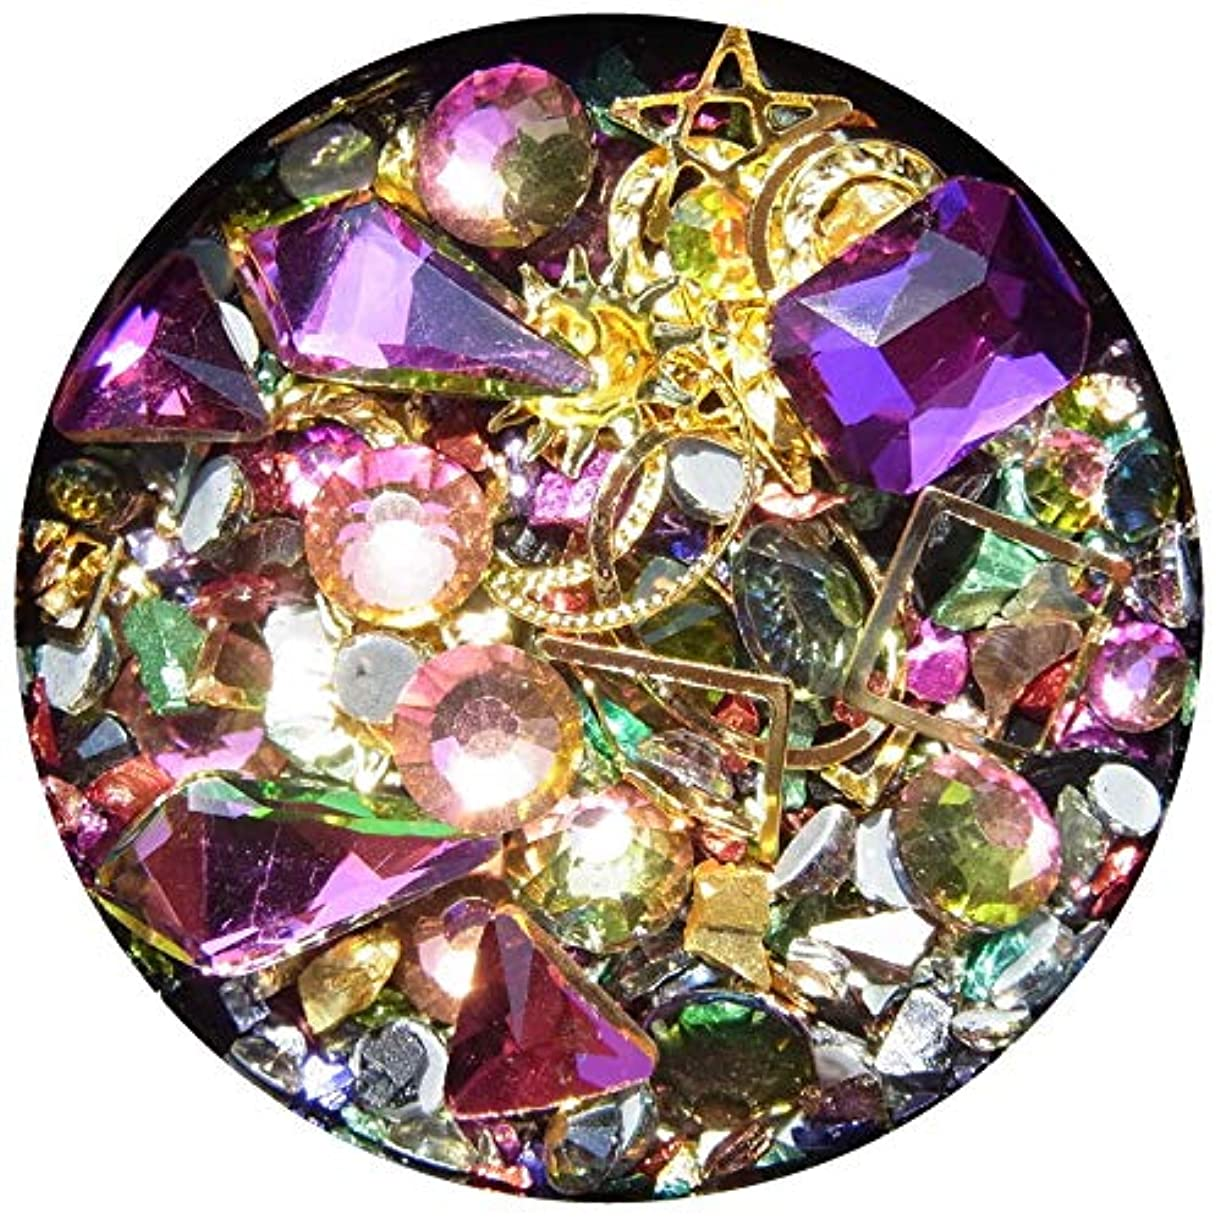 背が高い飛躍売る【jewel】メタルパーツ ミックス ラインストーン カーブ付きフレーム ゴールド ネイルアートパーツ レジン (4)